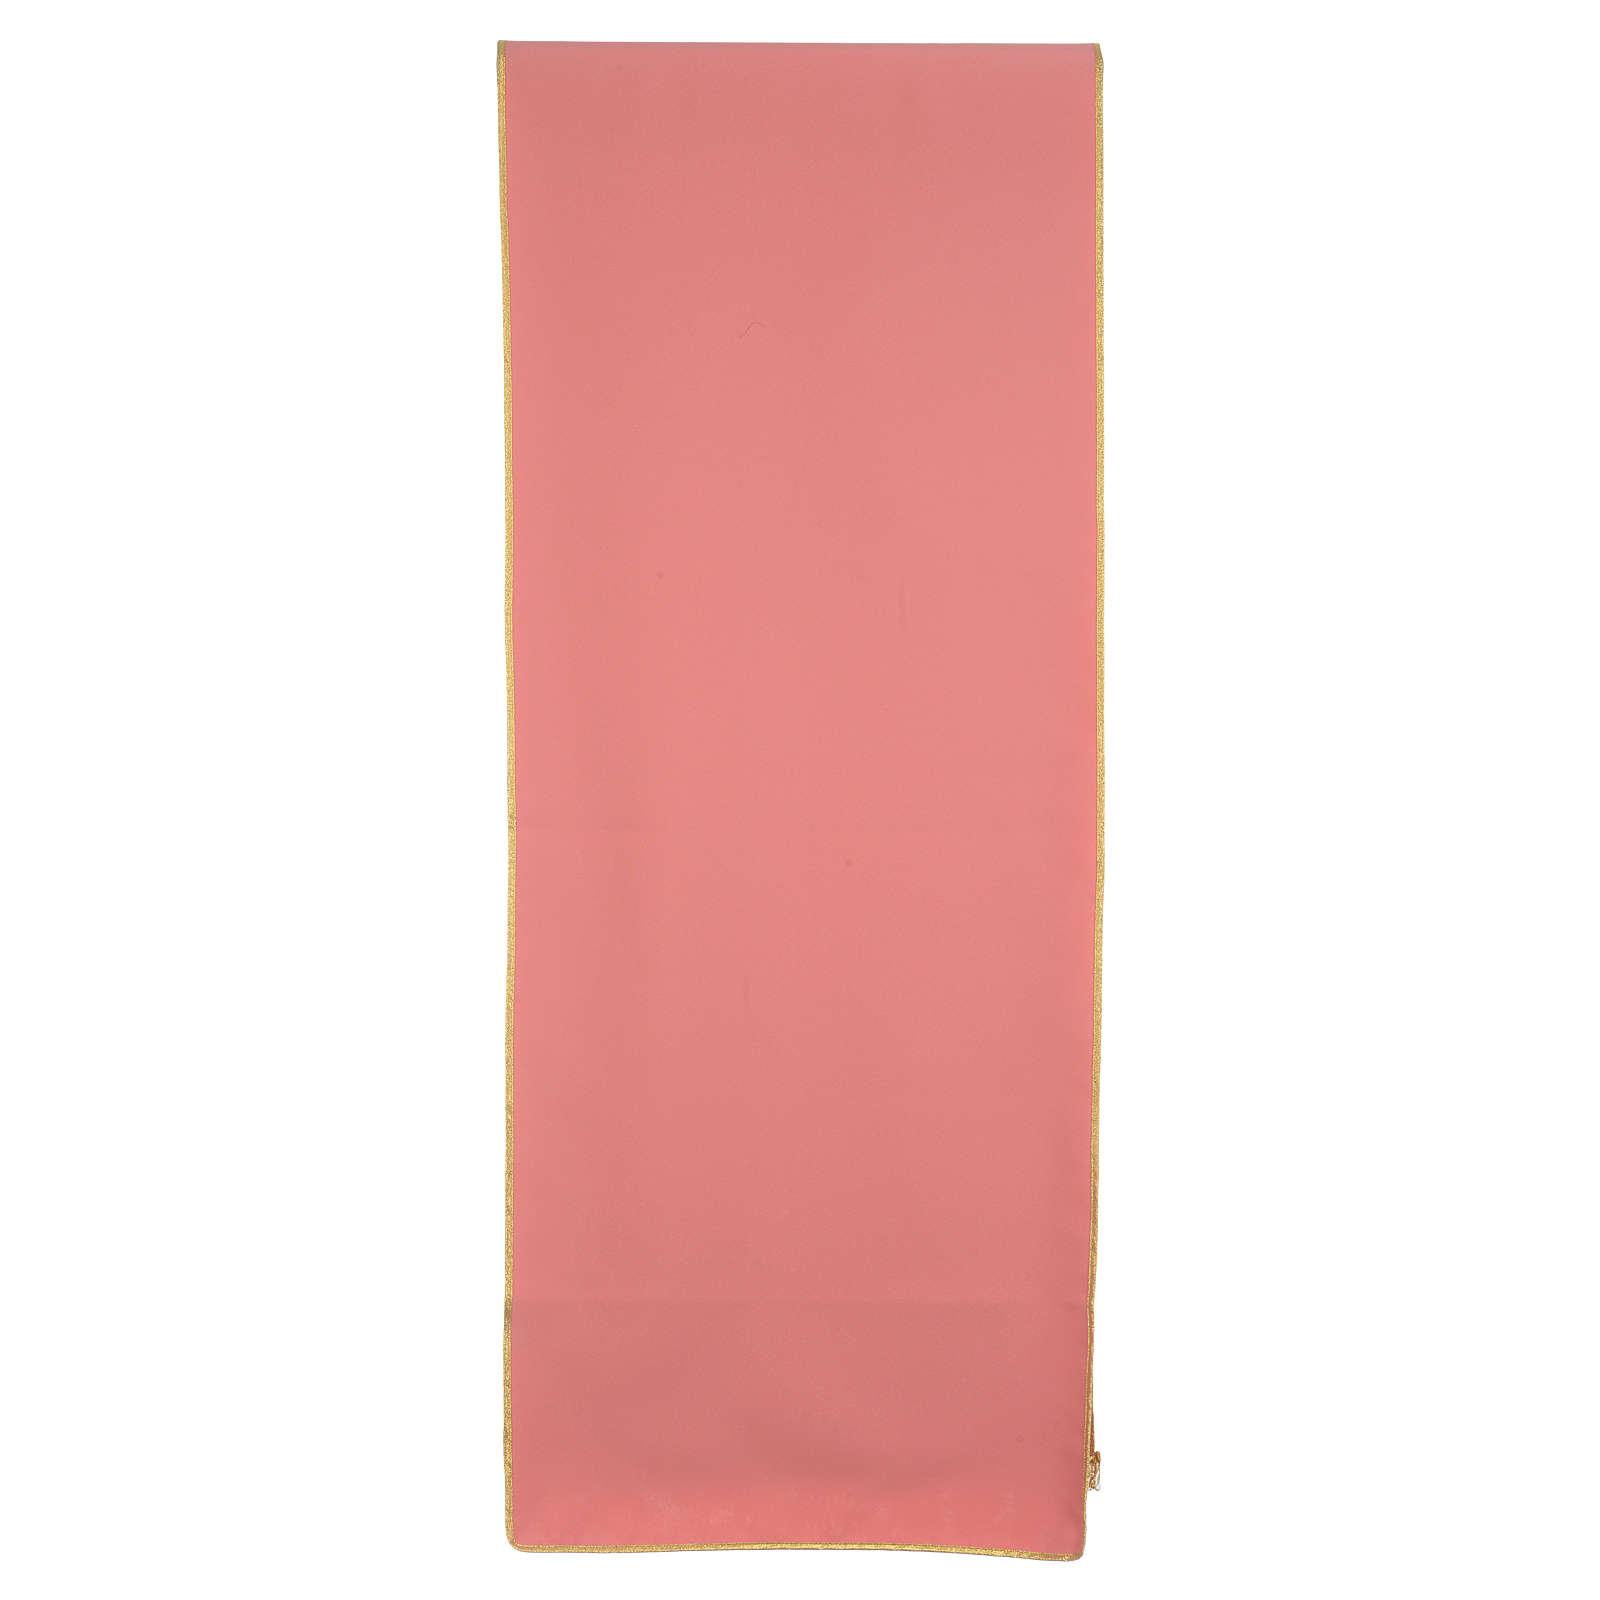 Paño de atril rosa 100% poliéster cruz alfa omega llama 4